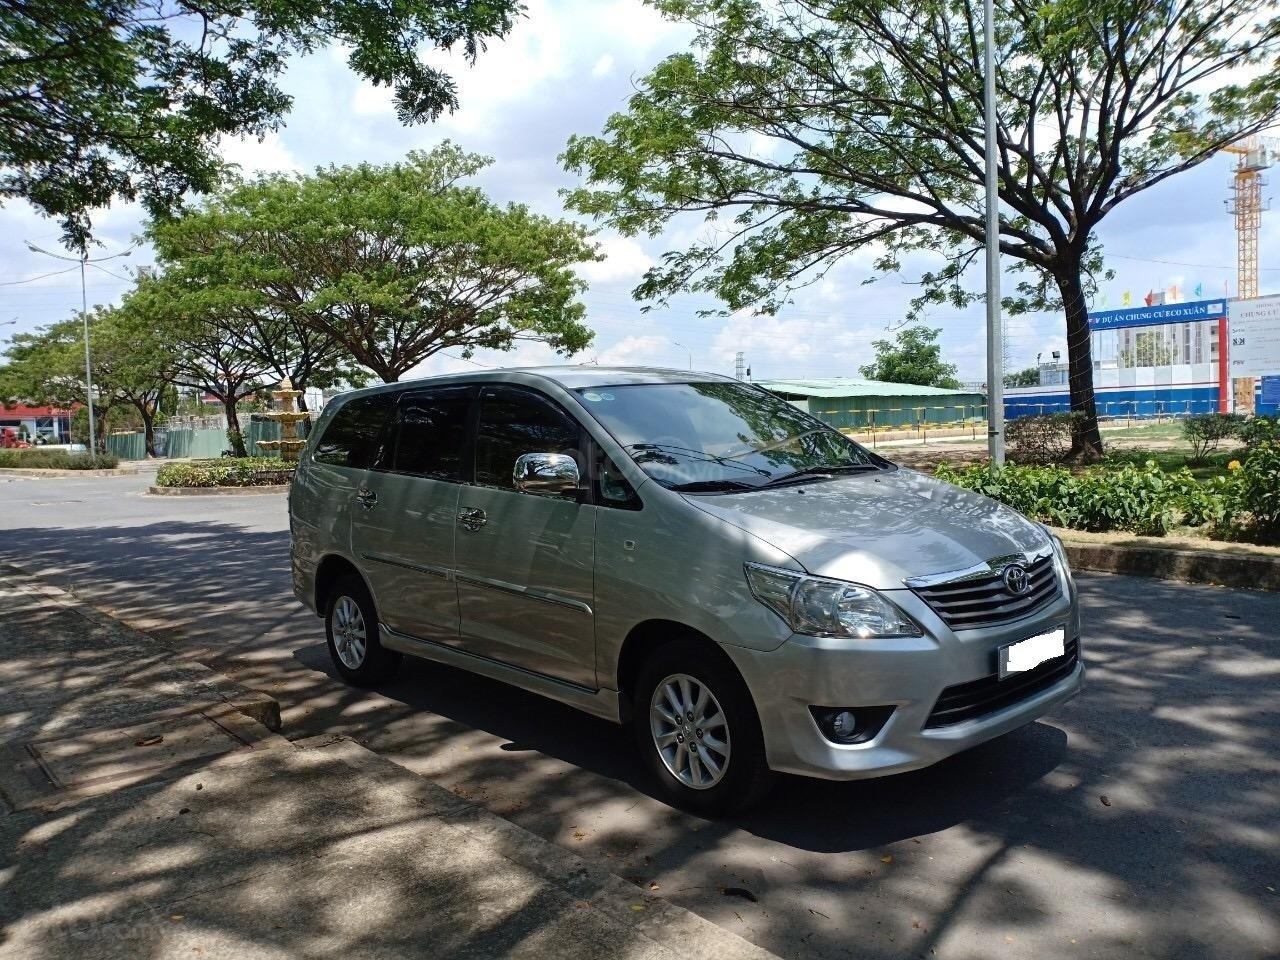 Cần bán xe Toyota Innova 2.0E sản xuất năm 2012, xe ông lão đi nay bán lại 455 triệu-0